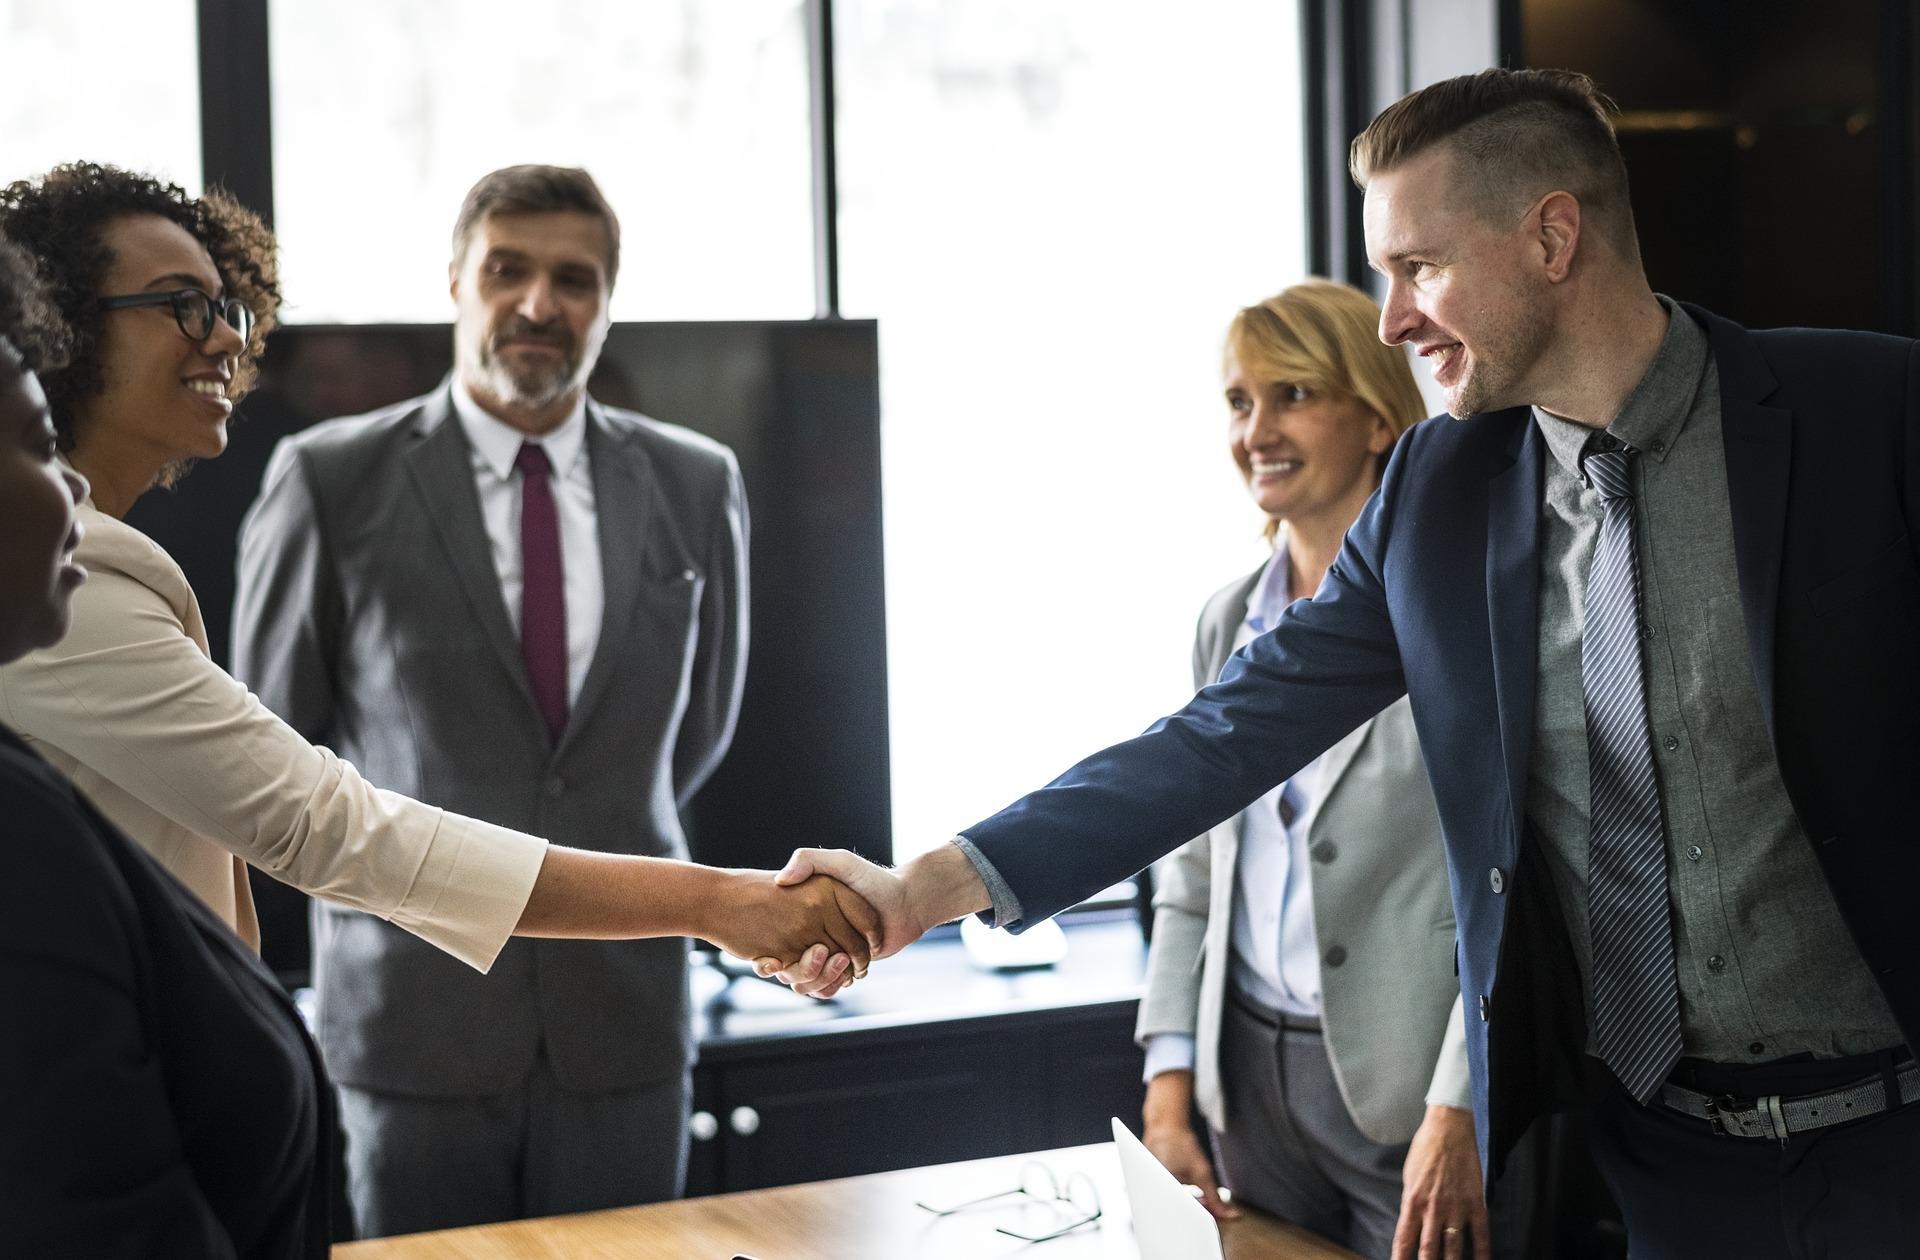 Bloß nicht die Sprache verlieren! Sprachbarrieren in Verhandlungen umgehen – Fallstricke vermeiden